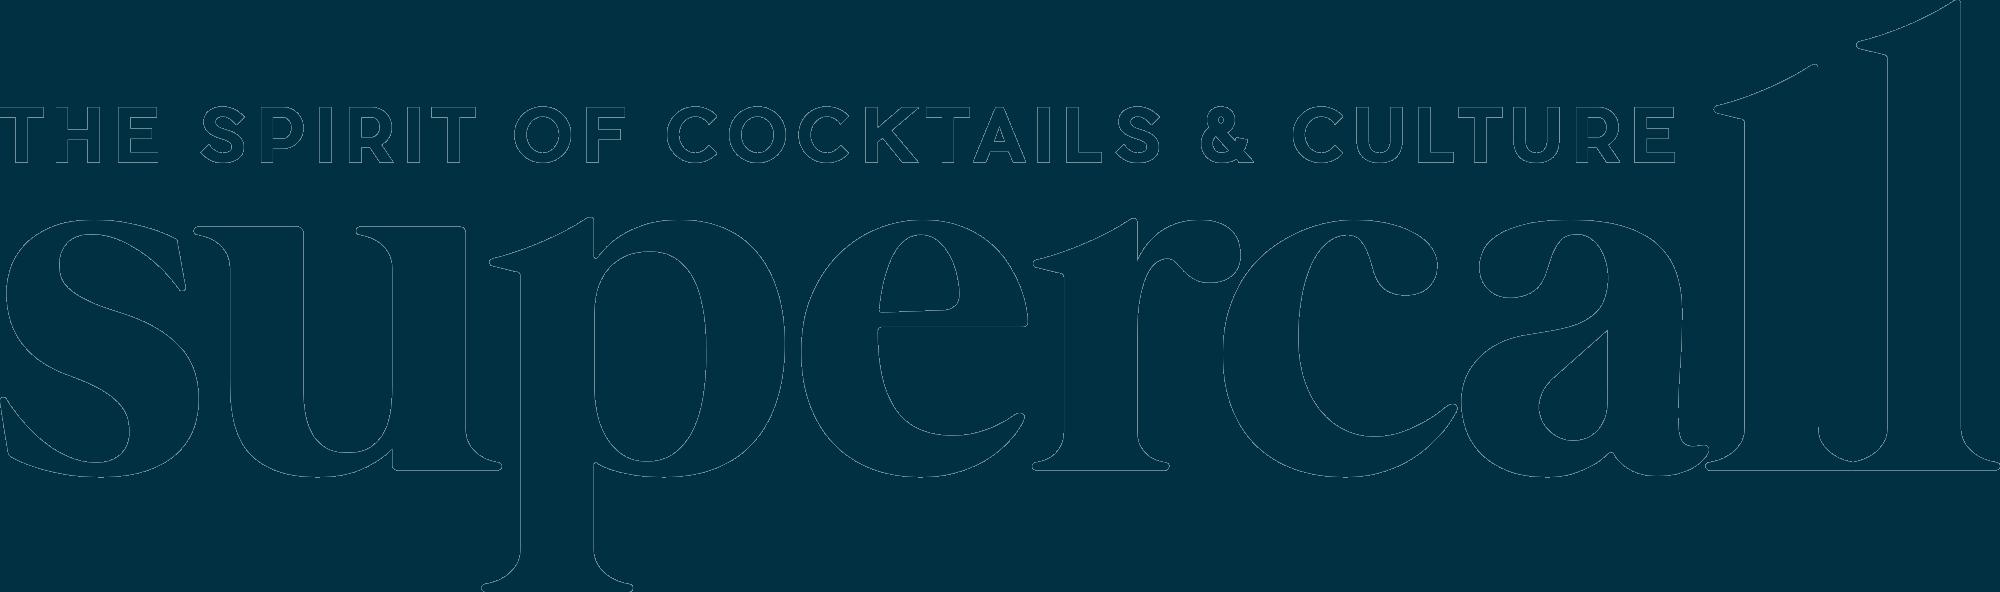 Supercall logo